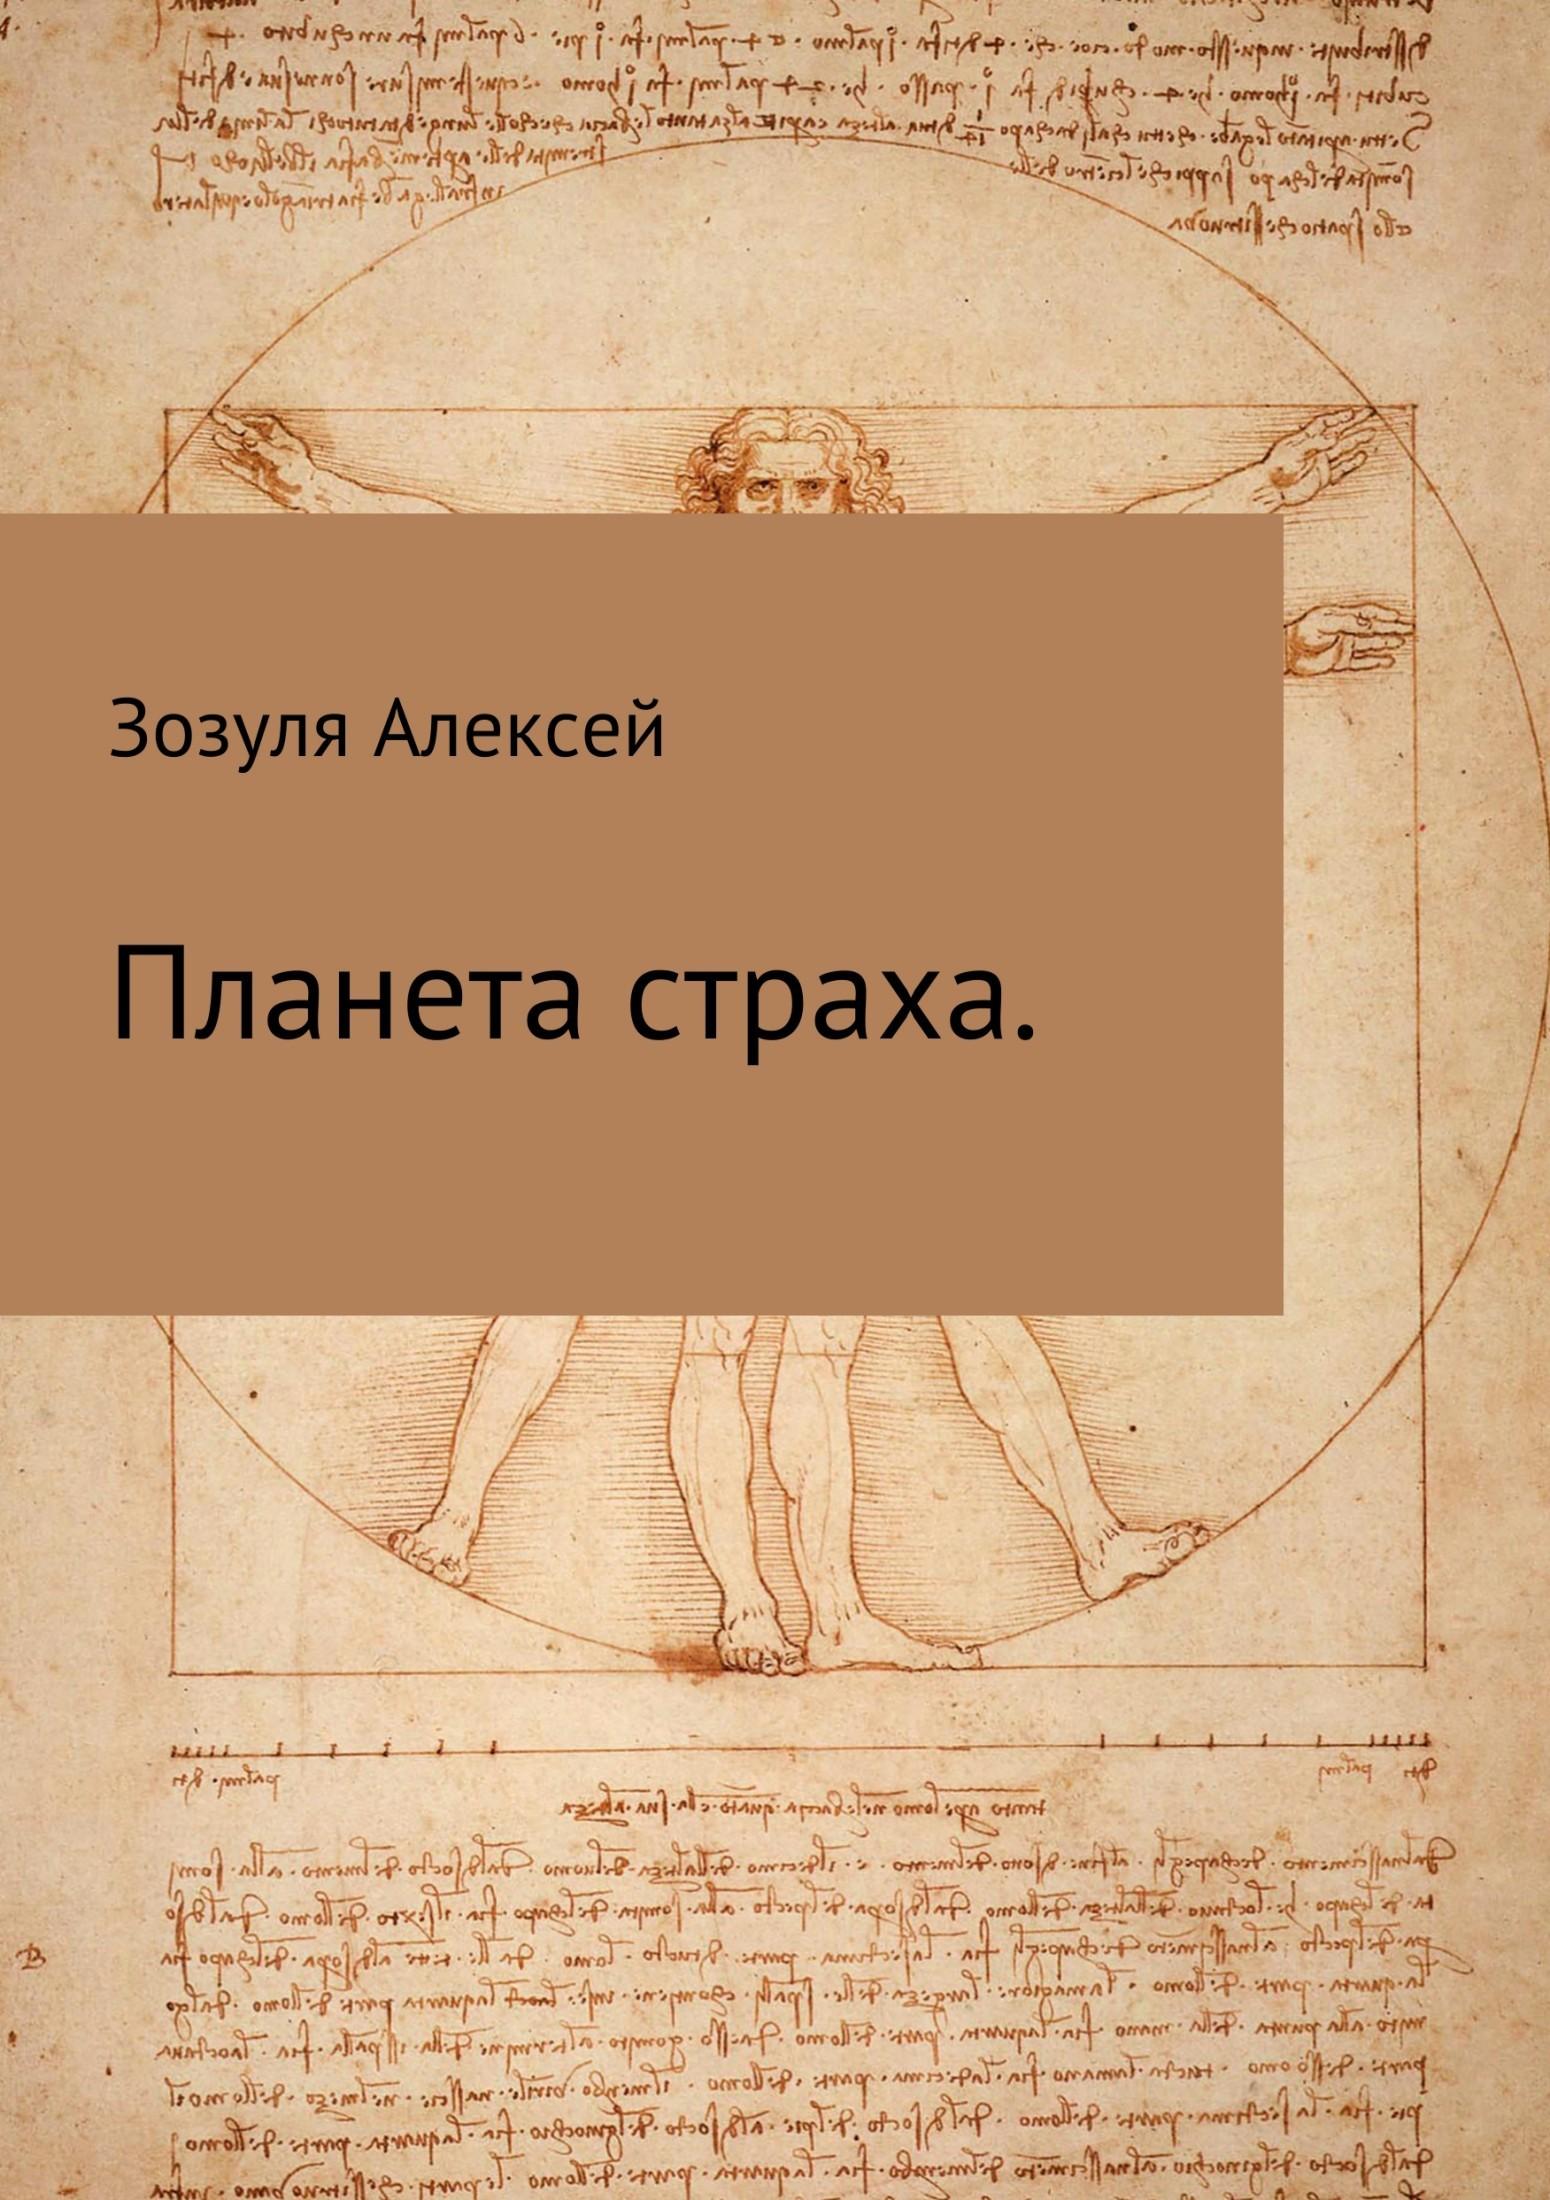 Алексей Юрьевич Зозуля Планета страха соболева л странная привычка женщин умирать isbn 9785171042042